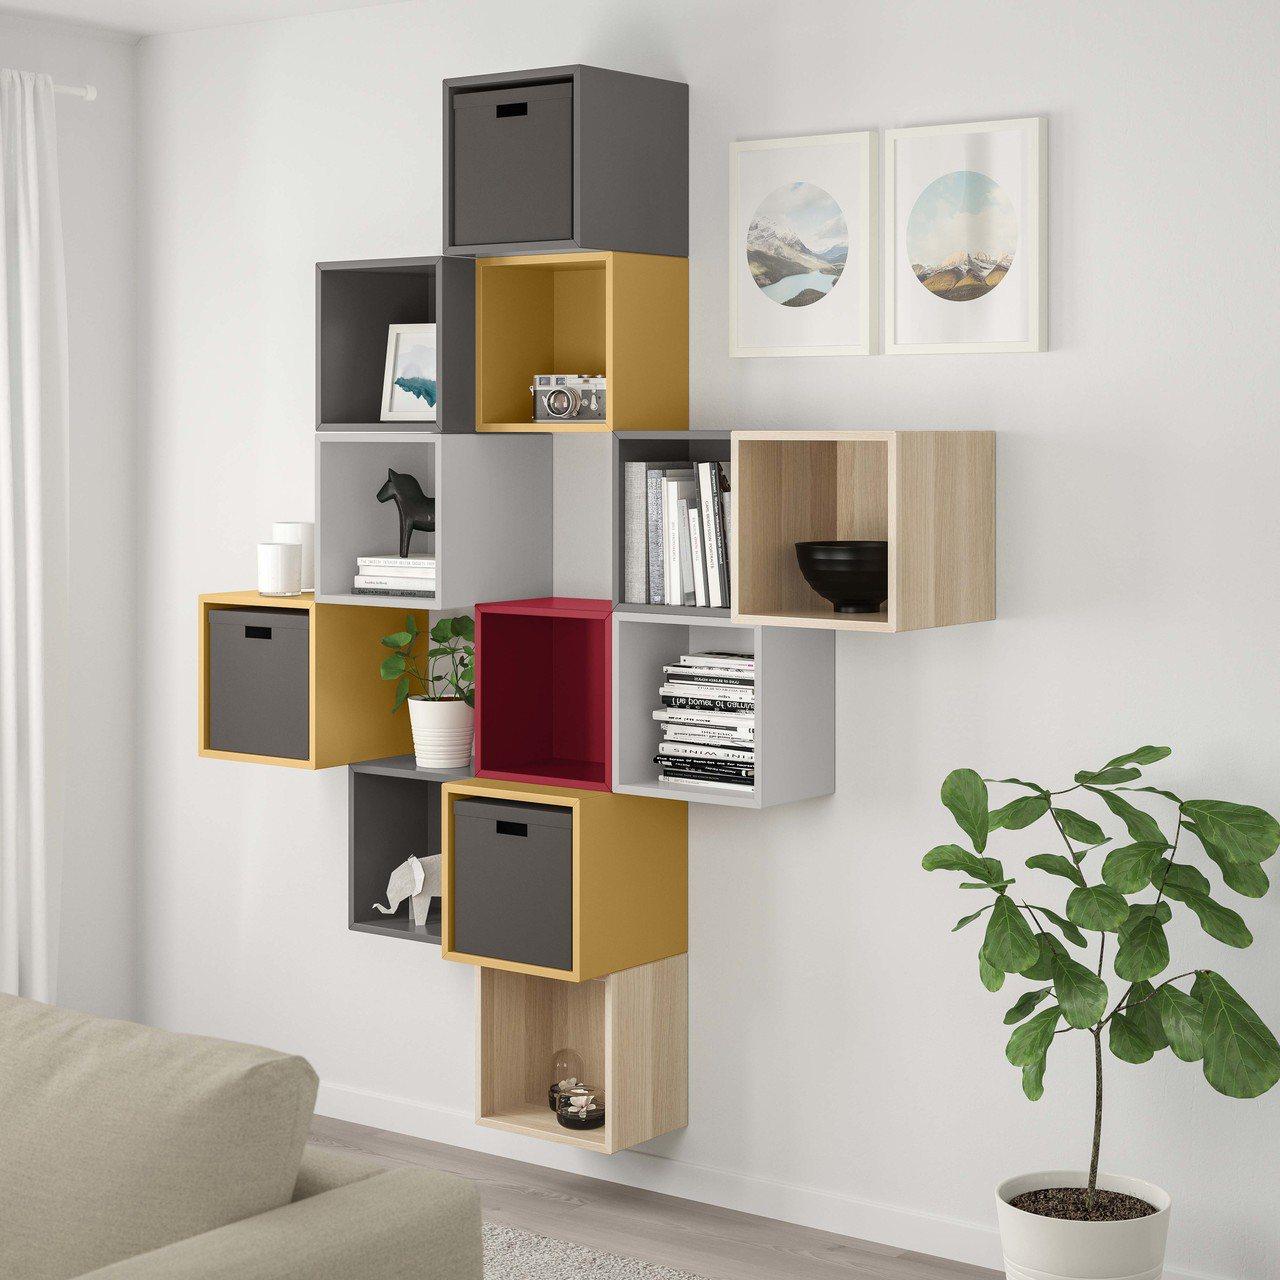 EKET收納櫃可依喜好堆疊及搭配,符合各種空間需求。圖/IKEA提供